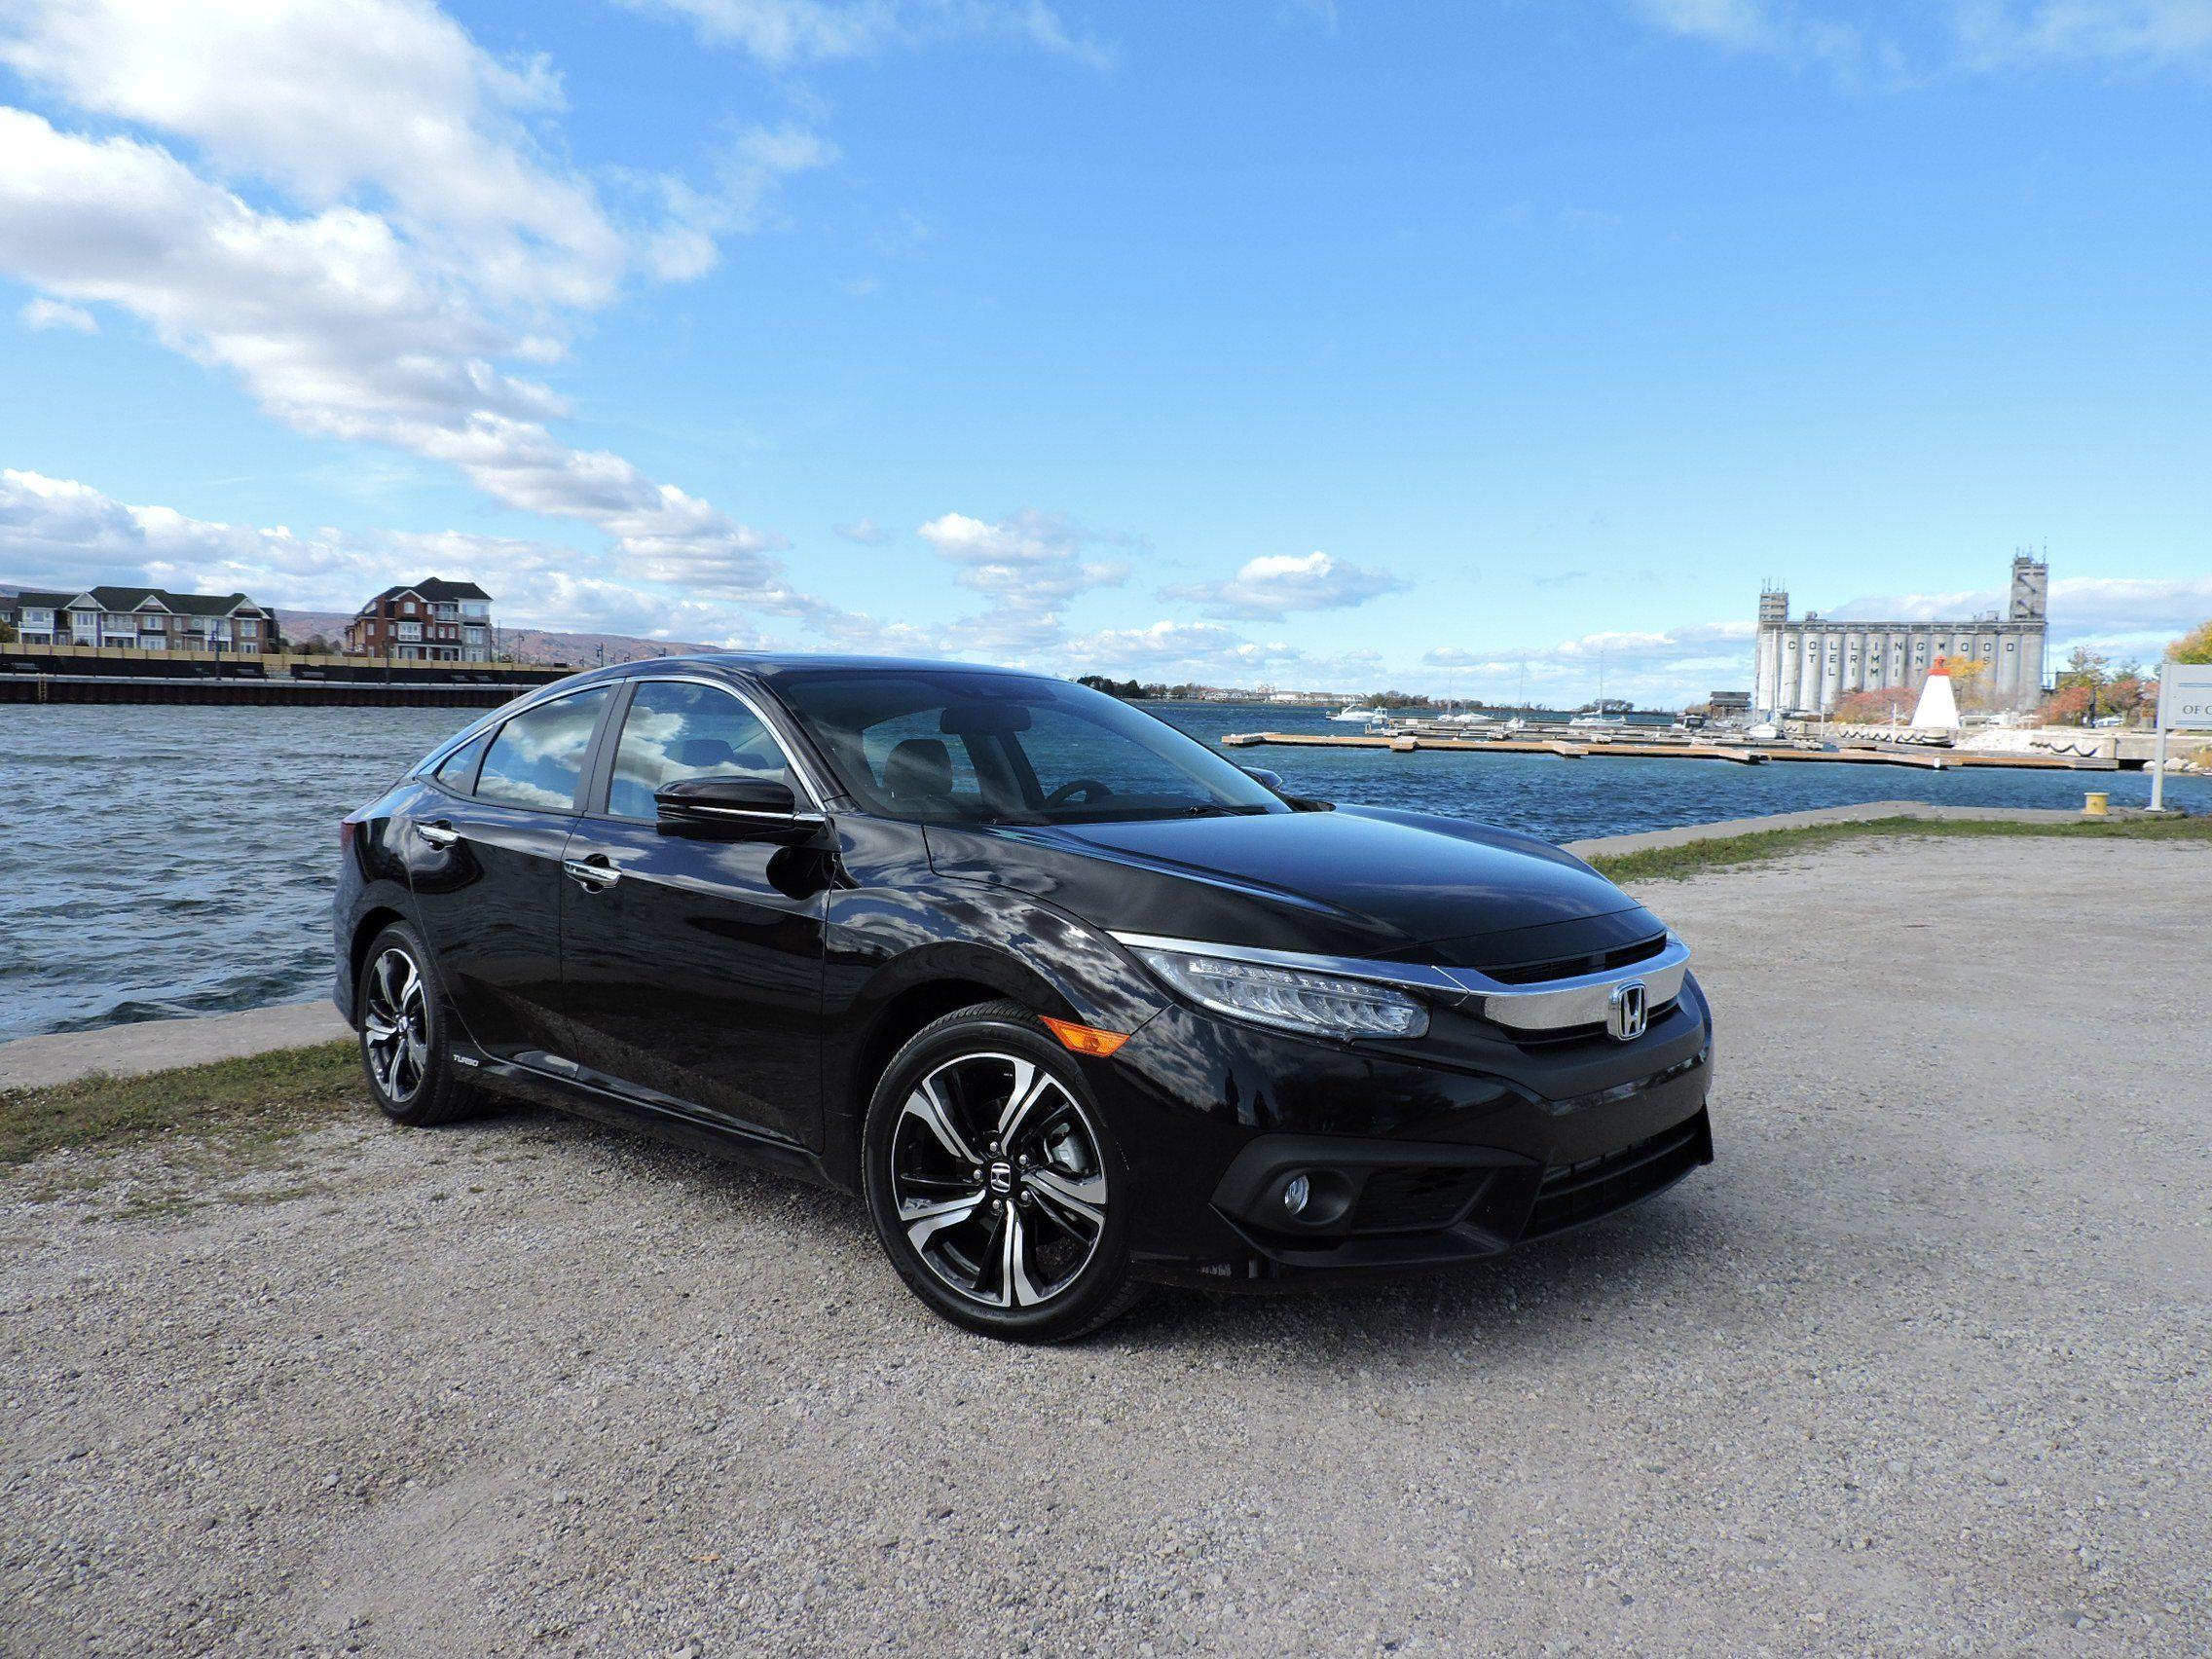 2016 Honda Civic Touring Http Newautocar Biz